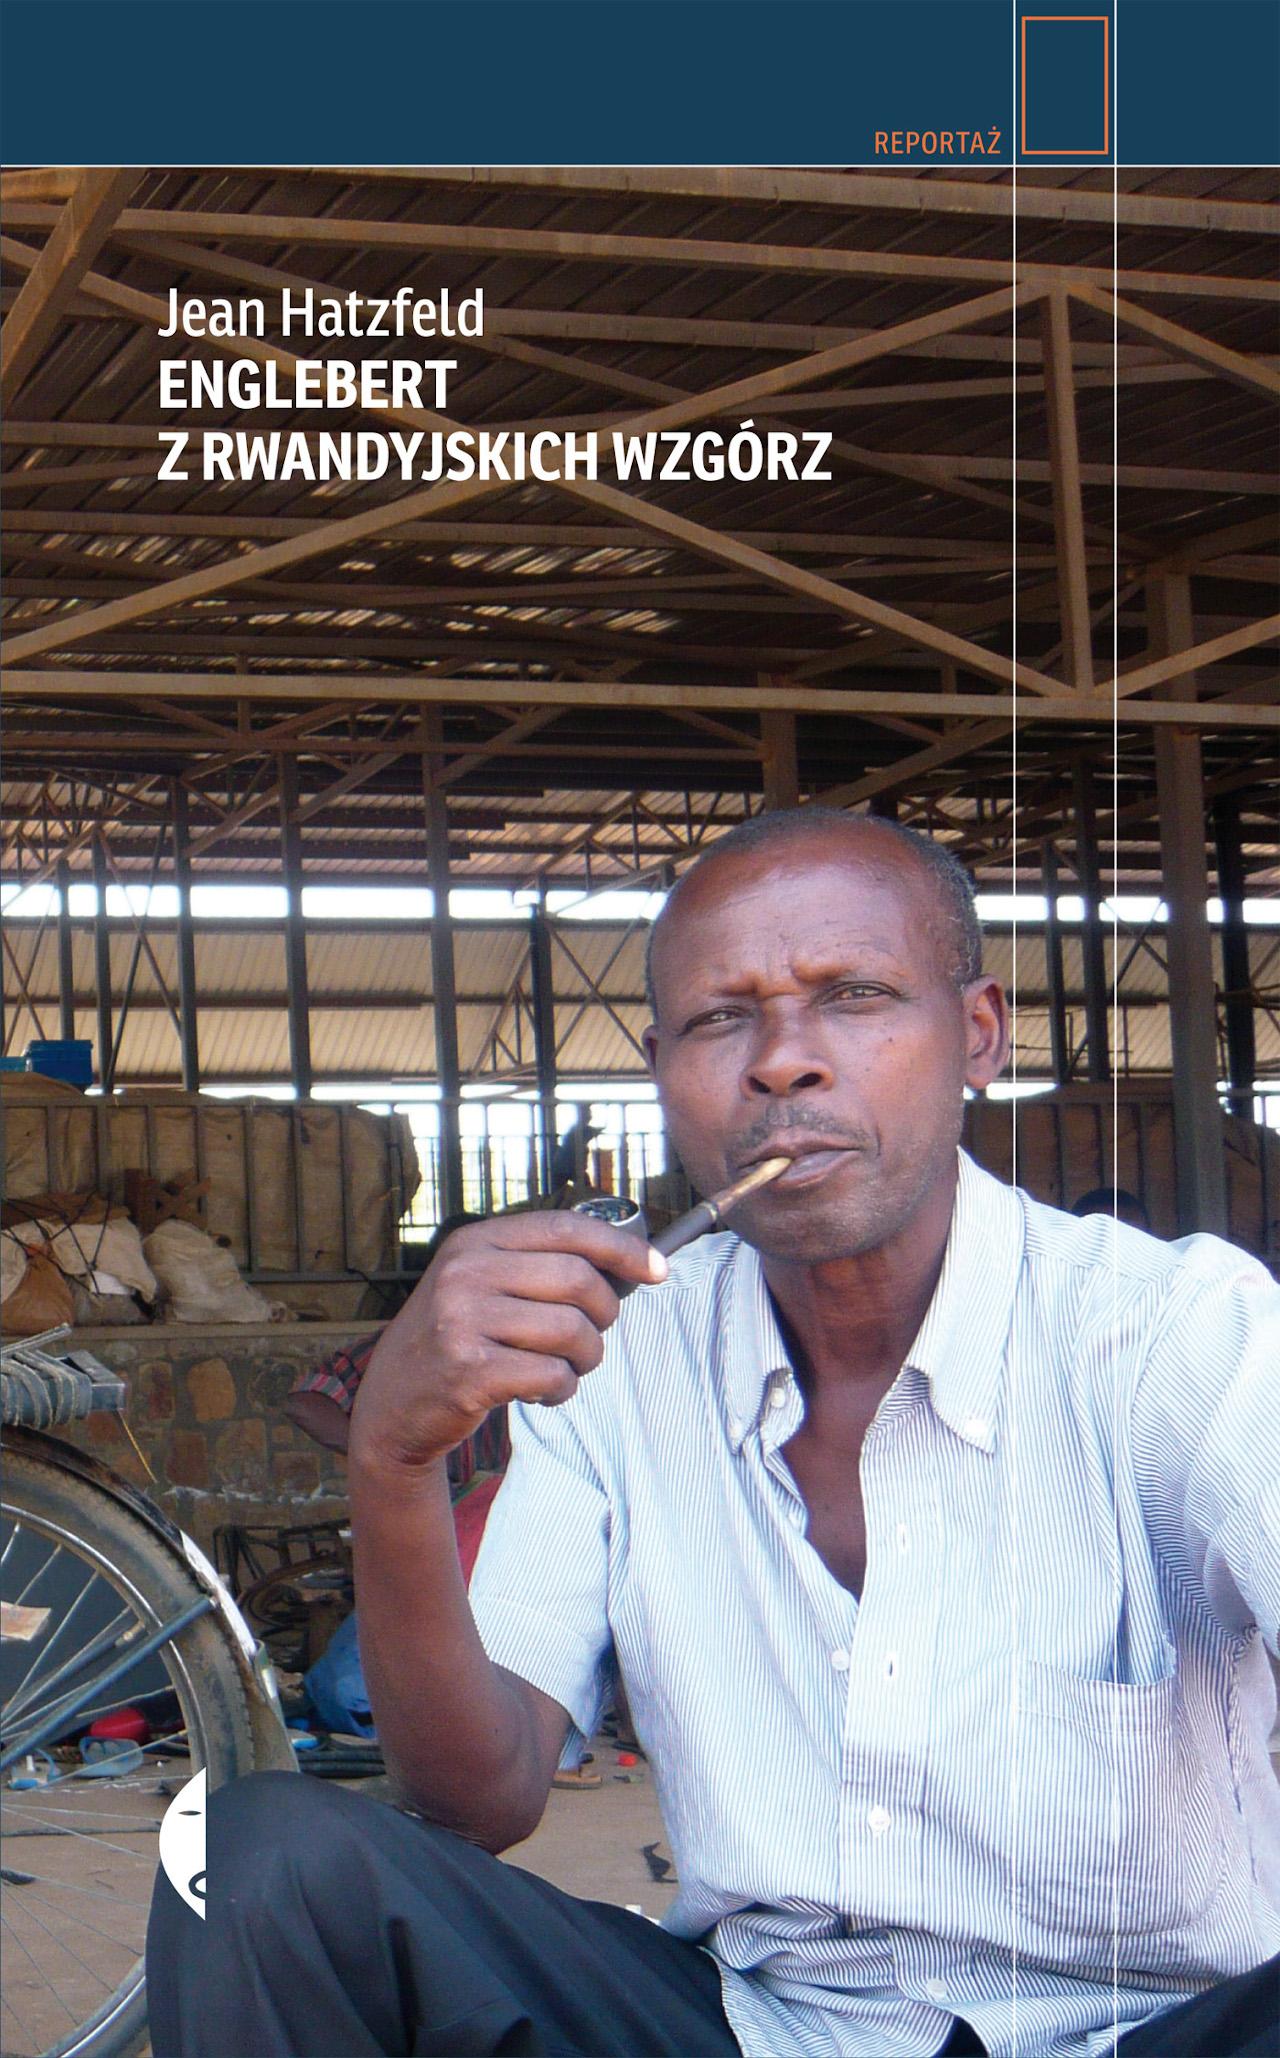 Jean Hatzfeld, Englebert z rwandyjskich wzgórz